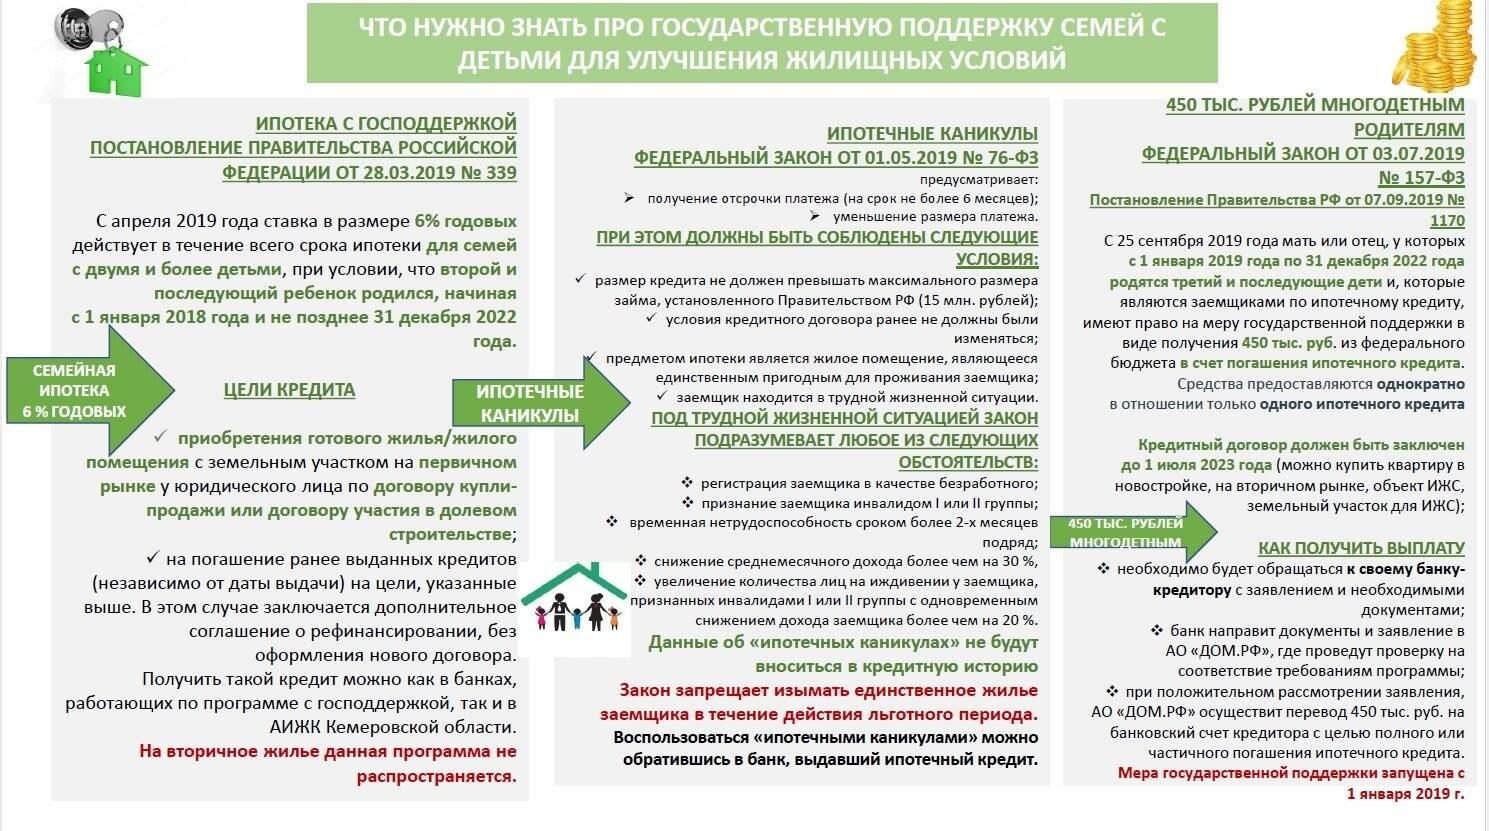 Ипотека в сбербанке для госслужащих и бюджетников: программы льготного кредитования, условия получения помощи в погашении долга, процедура оформления